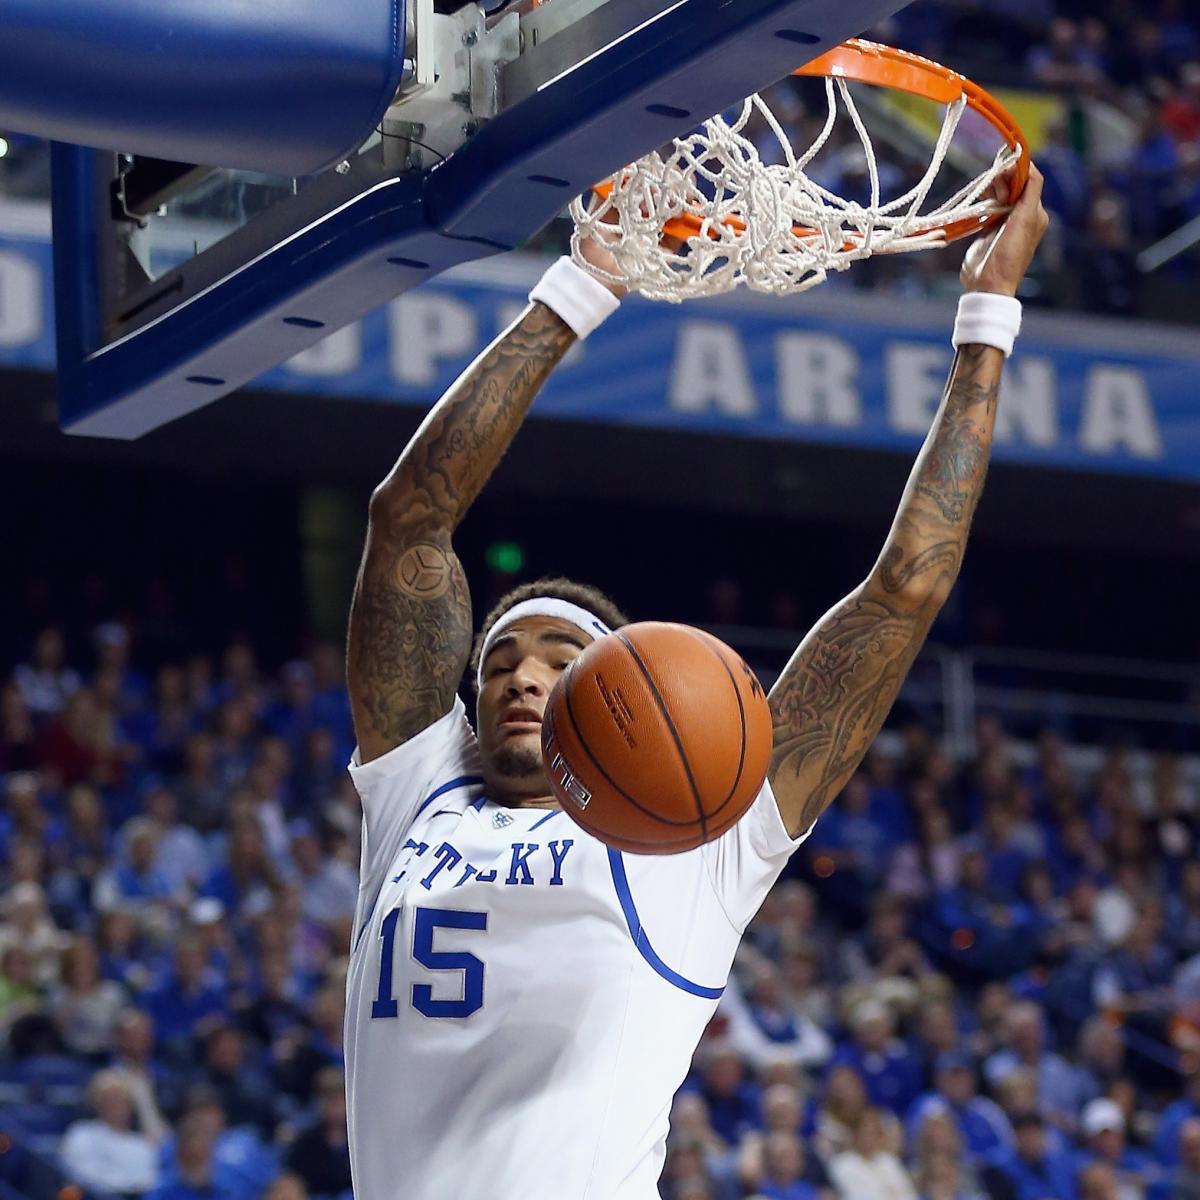 c972df685871 Kentucky Basketball  NBA Player Comparisons for Each Wildcats Starter